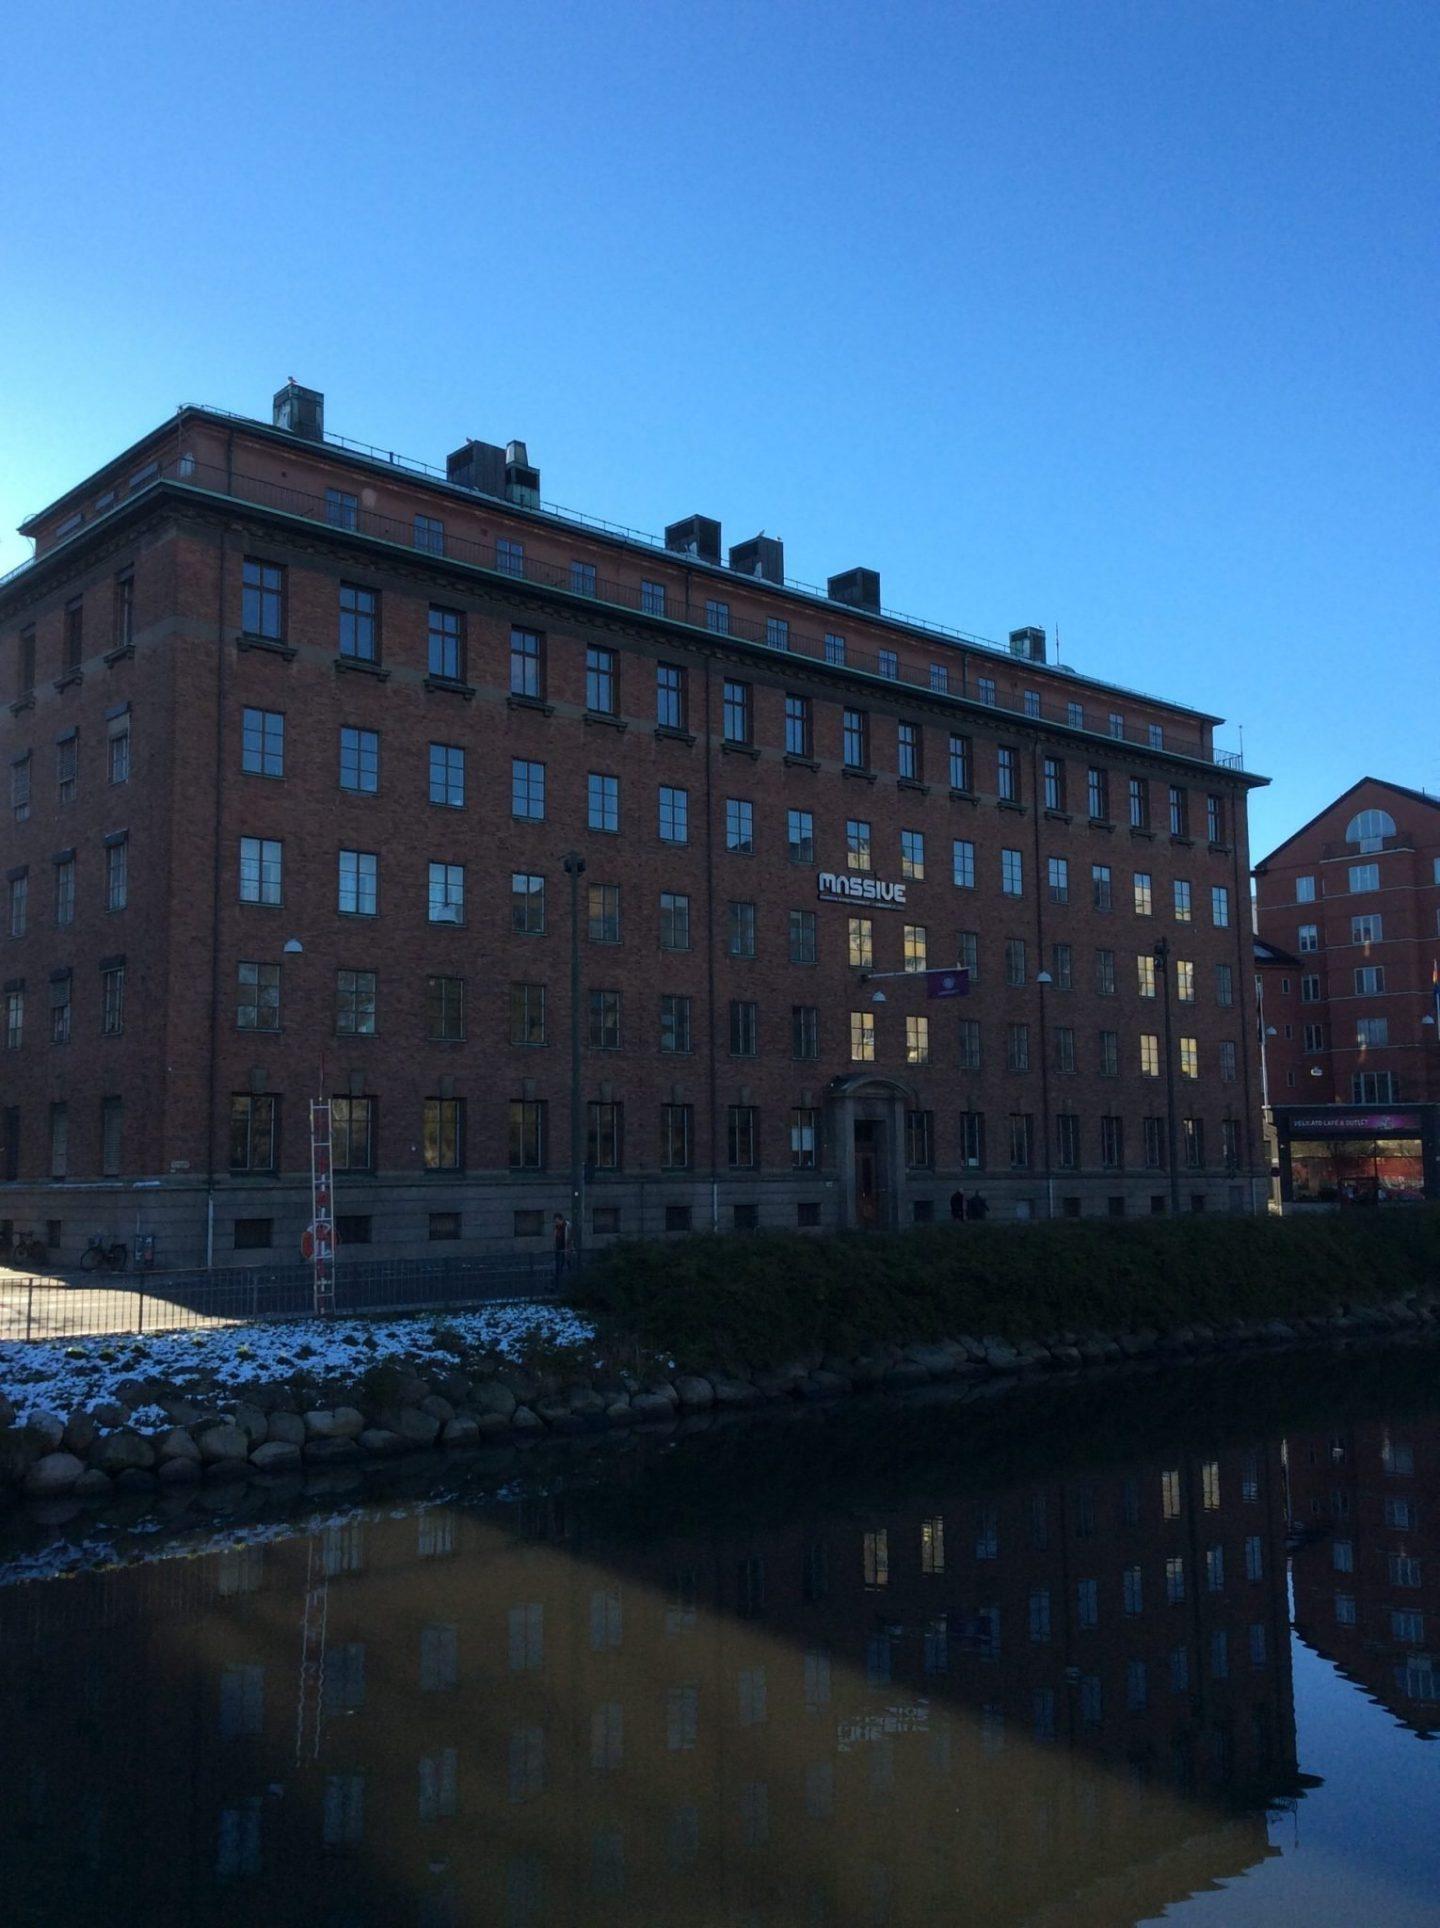 IMG 0134 1440x1928 - Malmö and the history